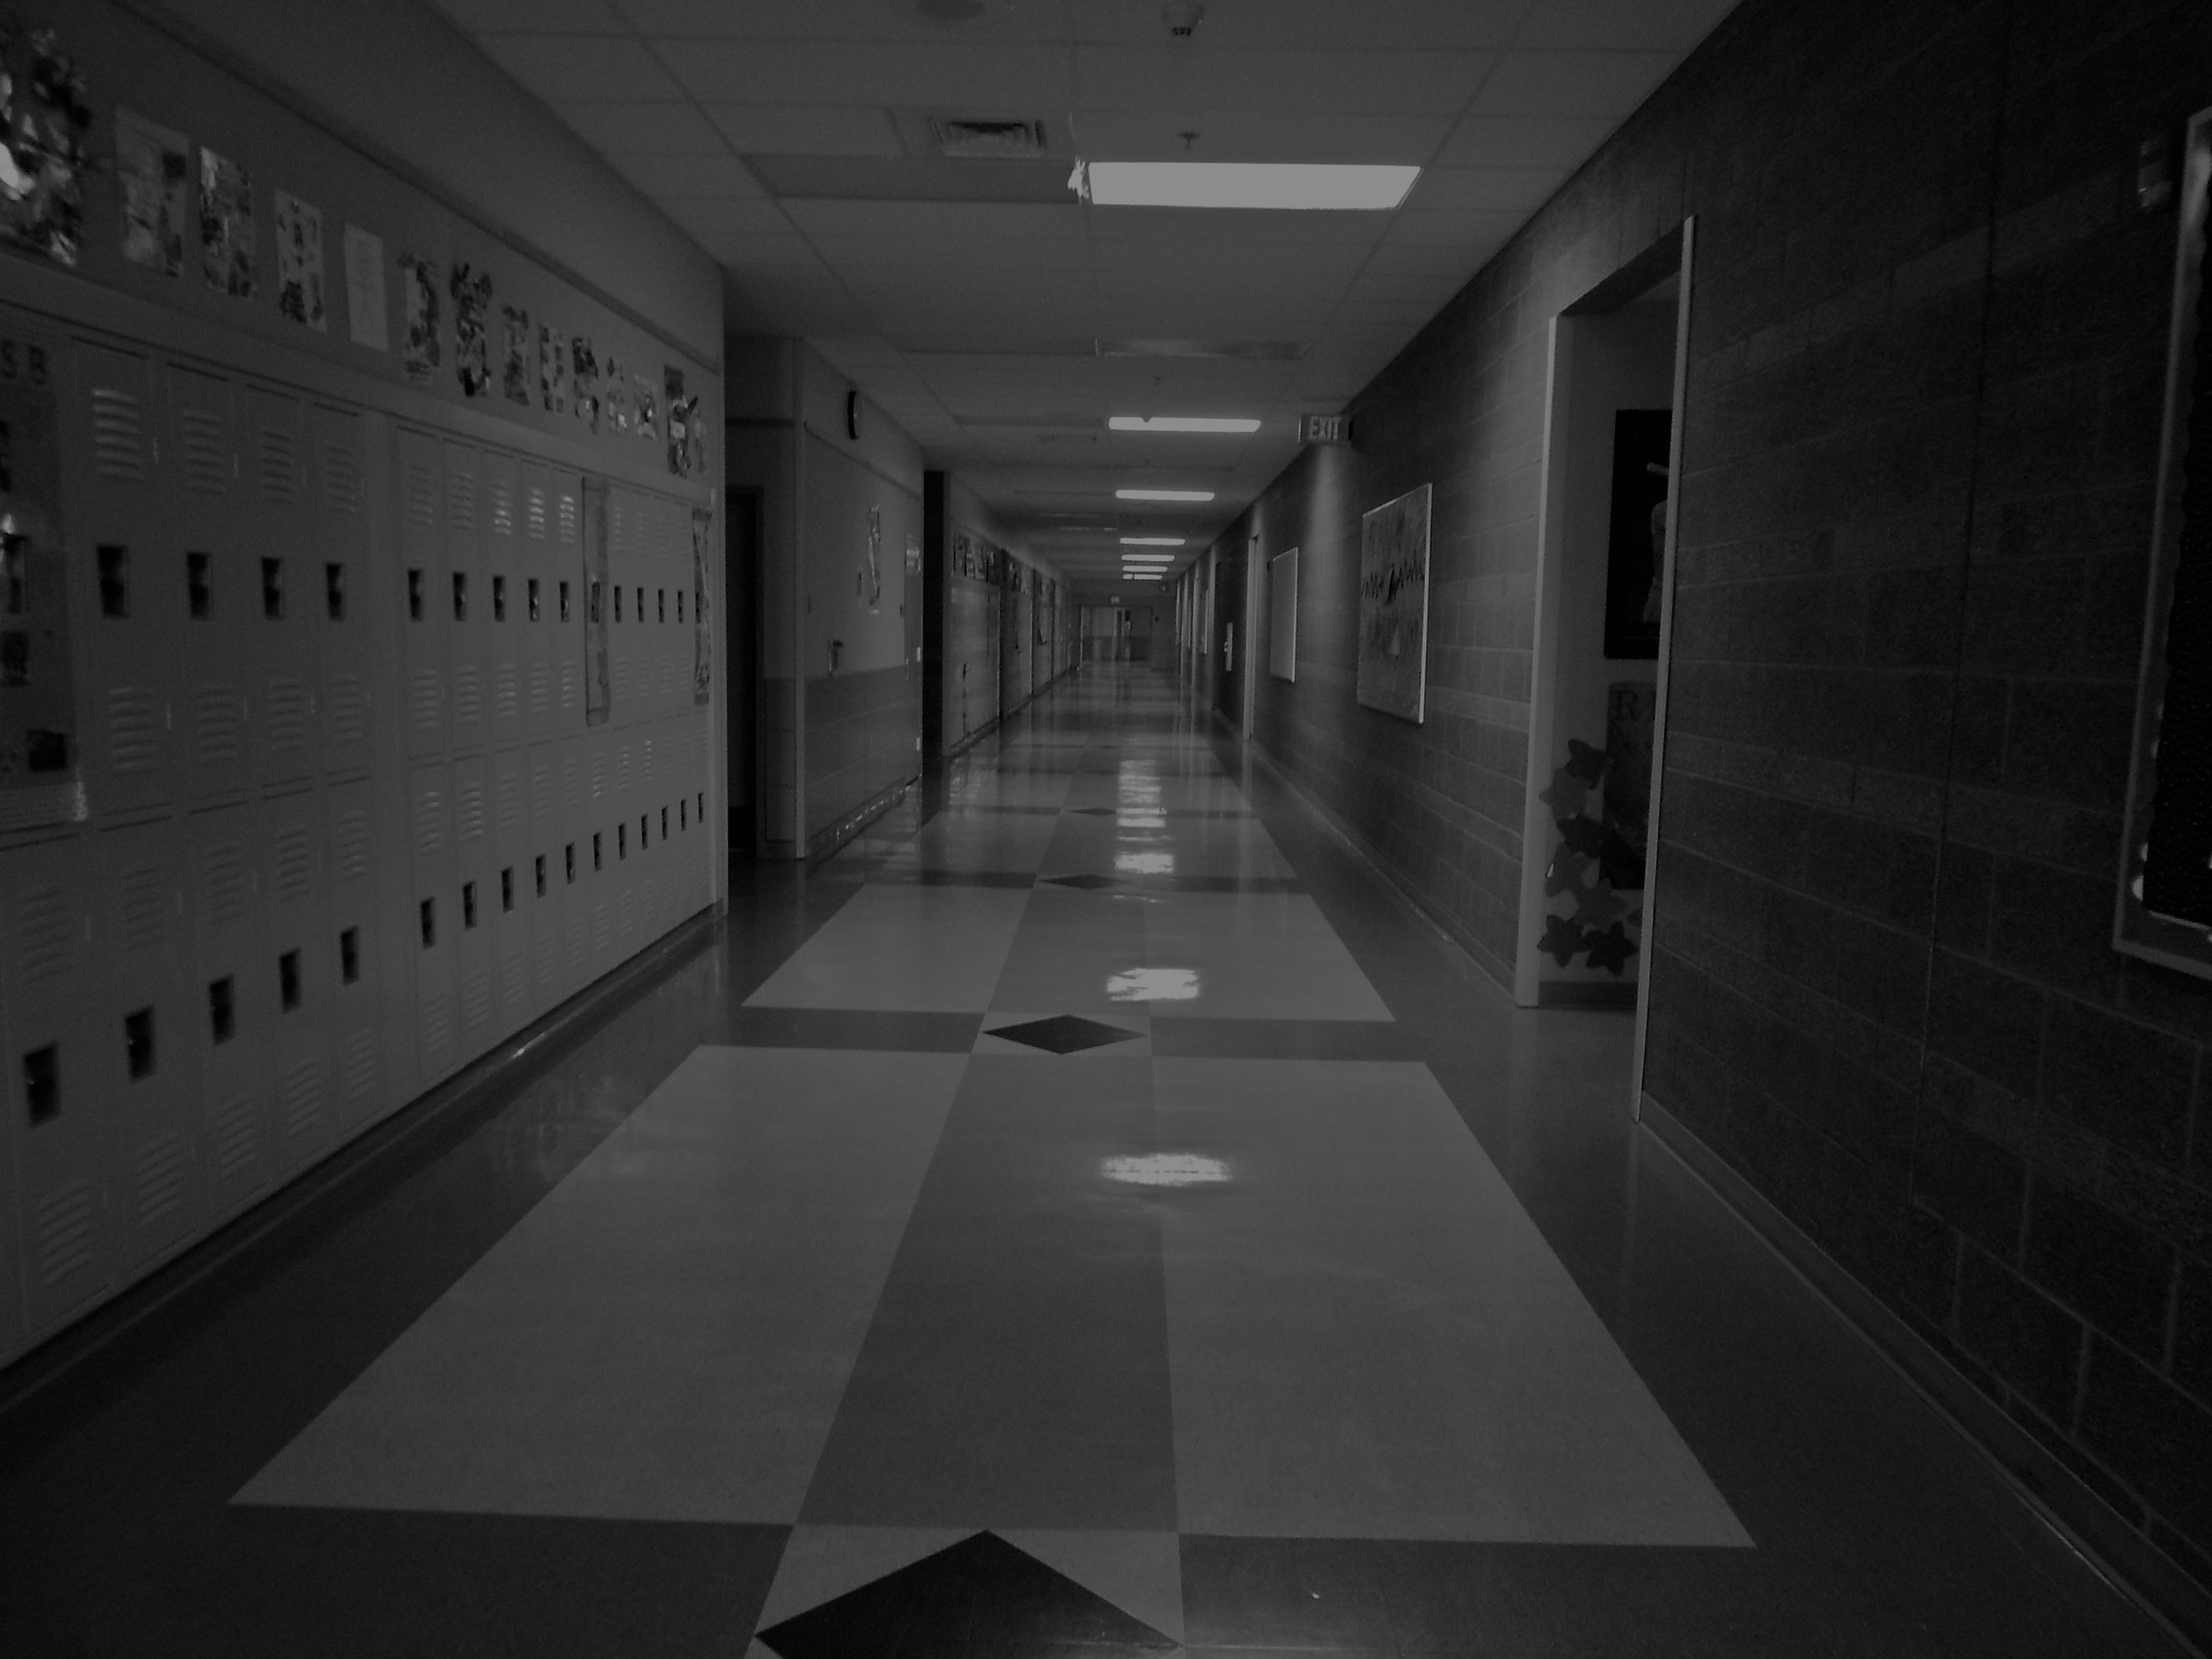 Beautiful Dark Hallway By Deathshadow3 Dark Hallway By Deathshadow3